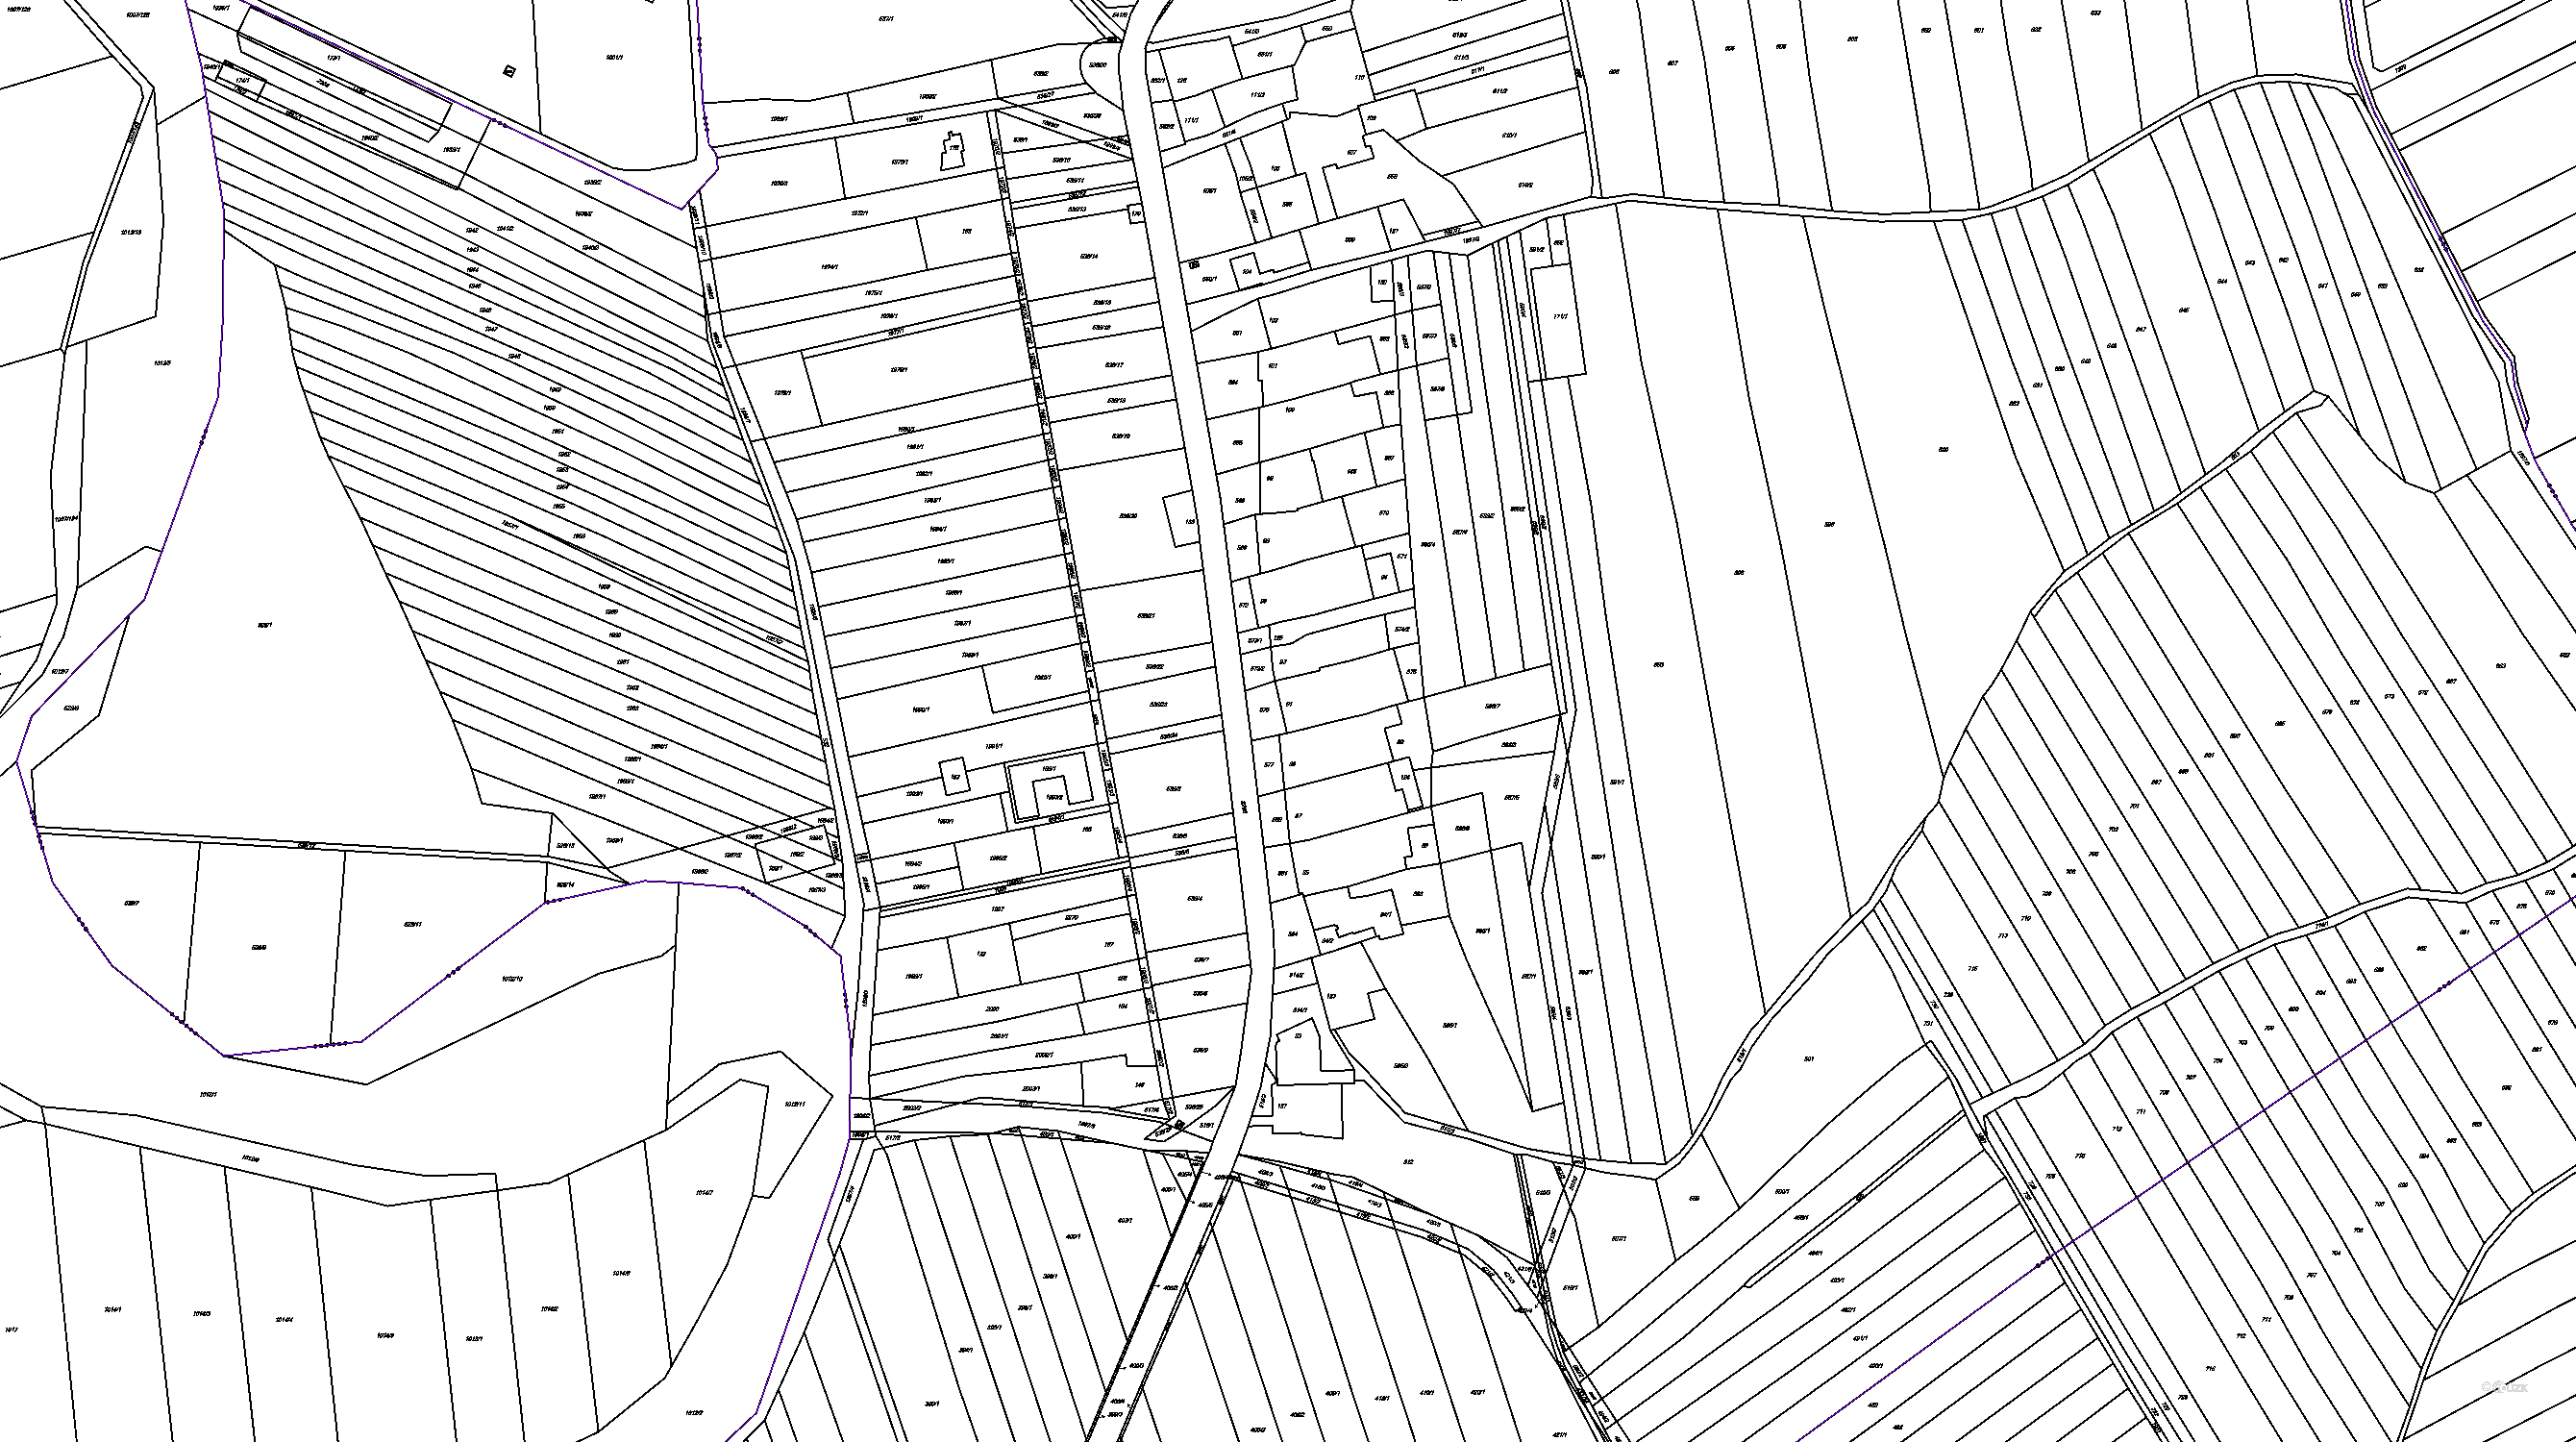 Katastrální mapy pozemků a čísla parcel obce